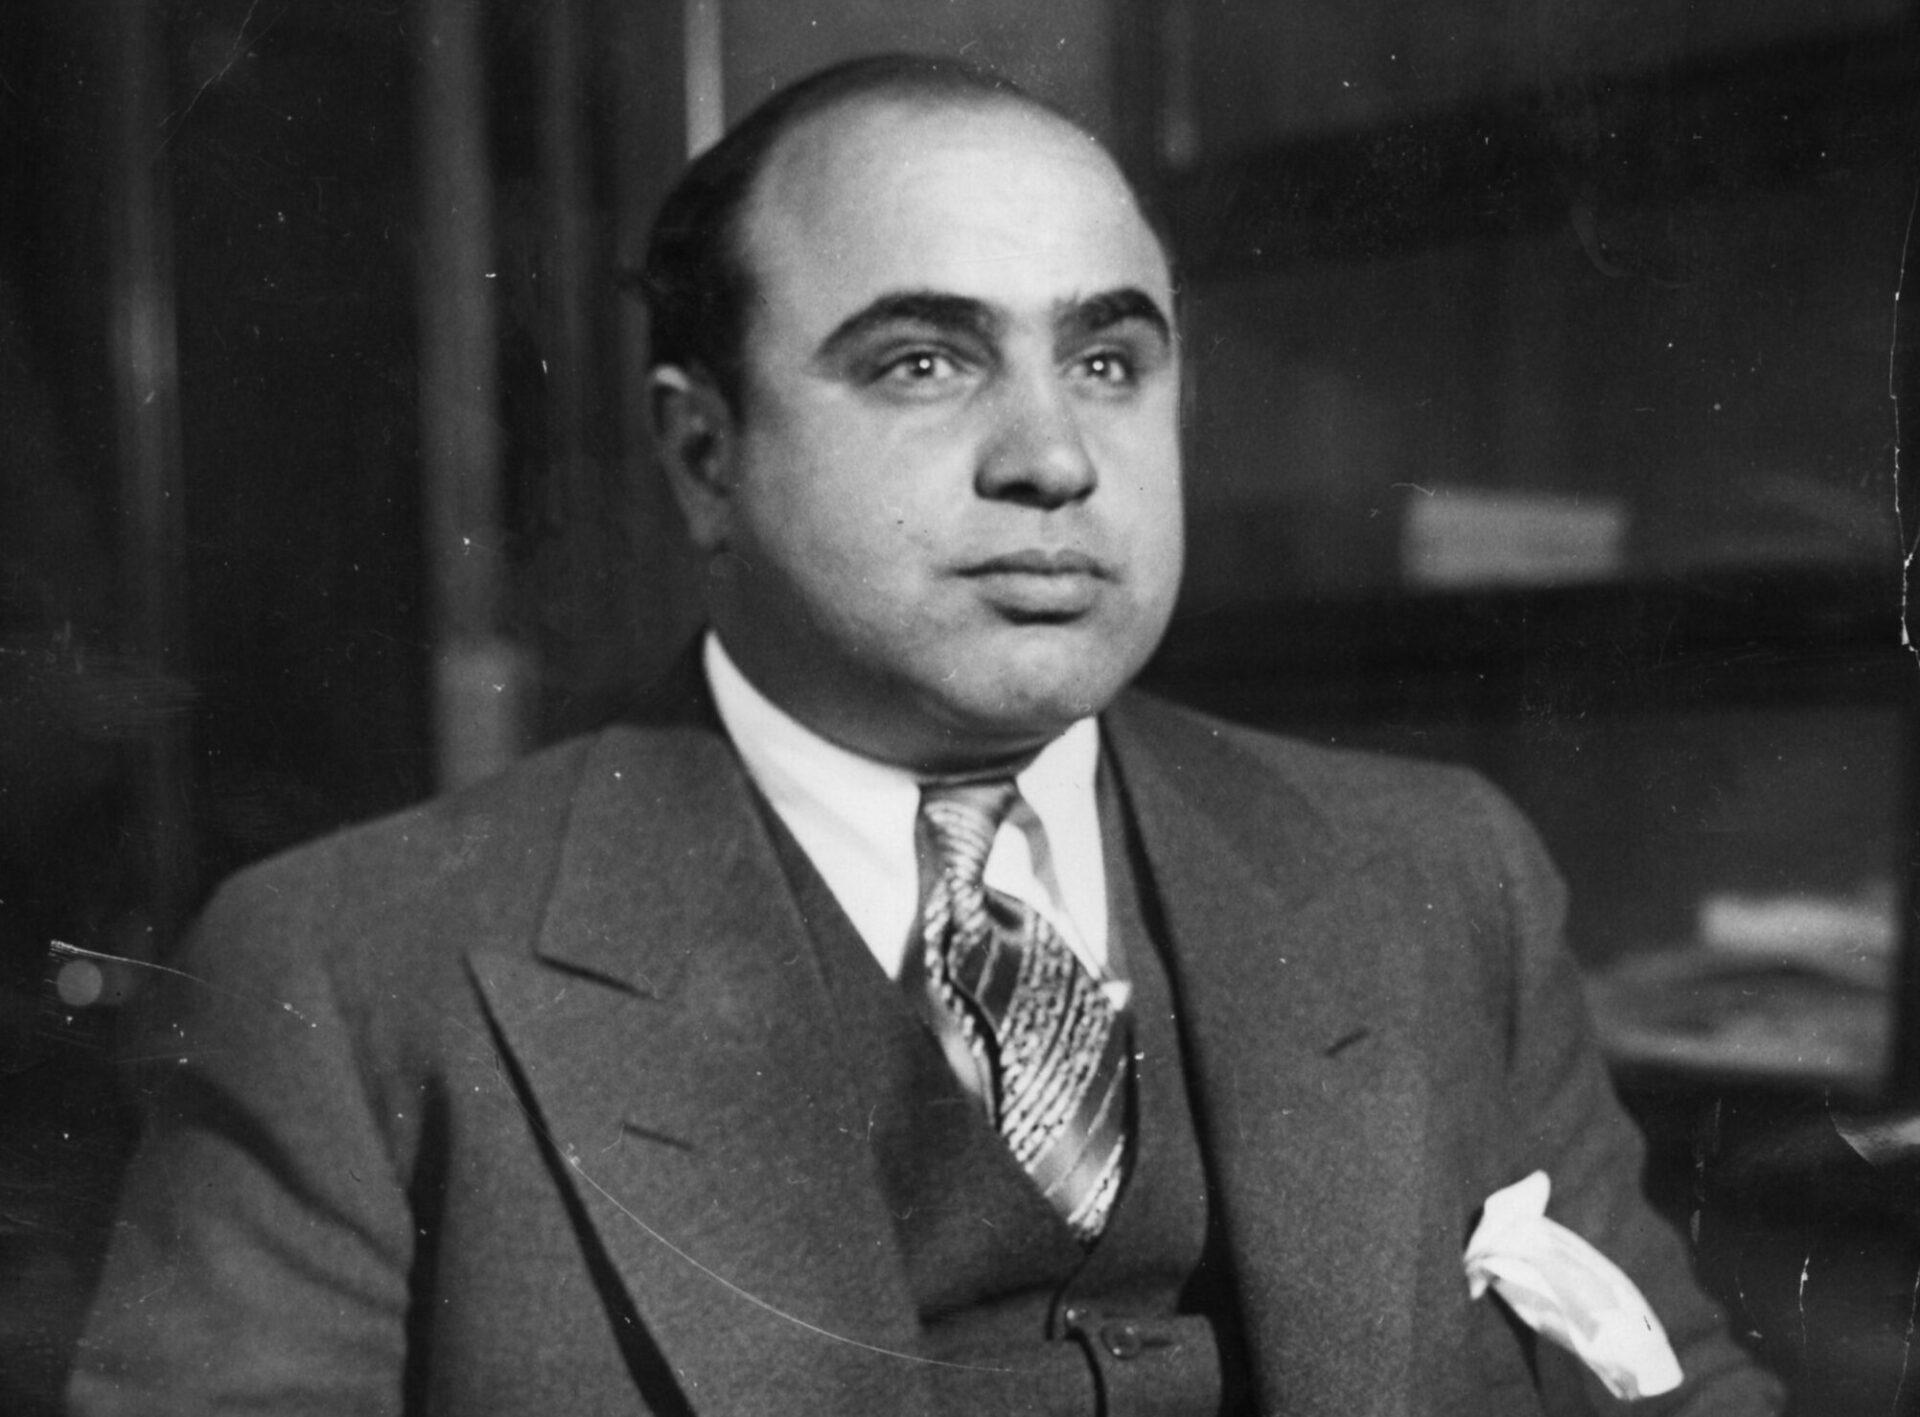 Al Capone scaled e1598194547762